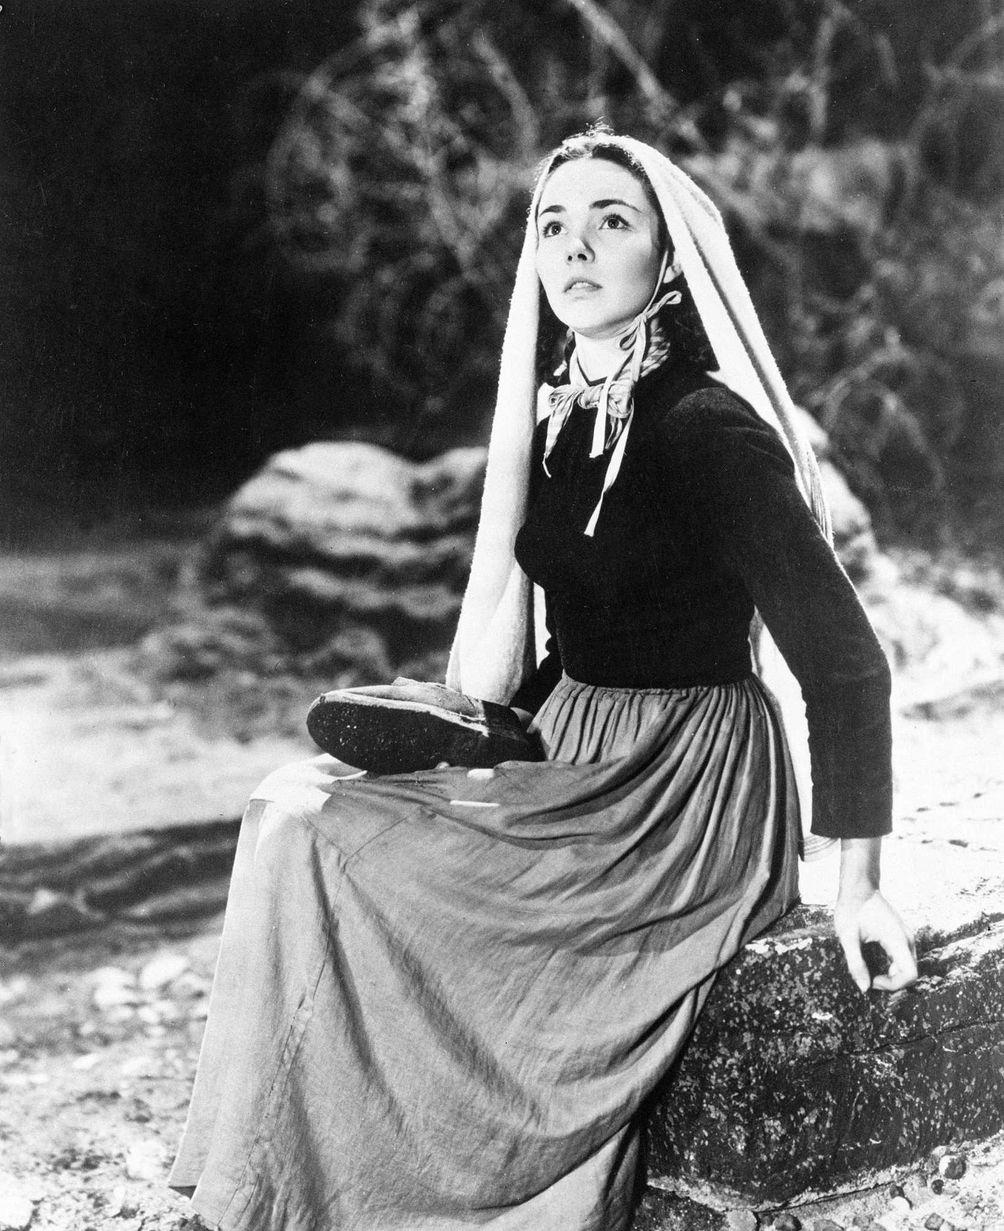 1943 - Jennifer Jones - The Song of